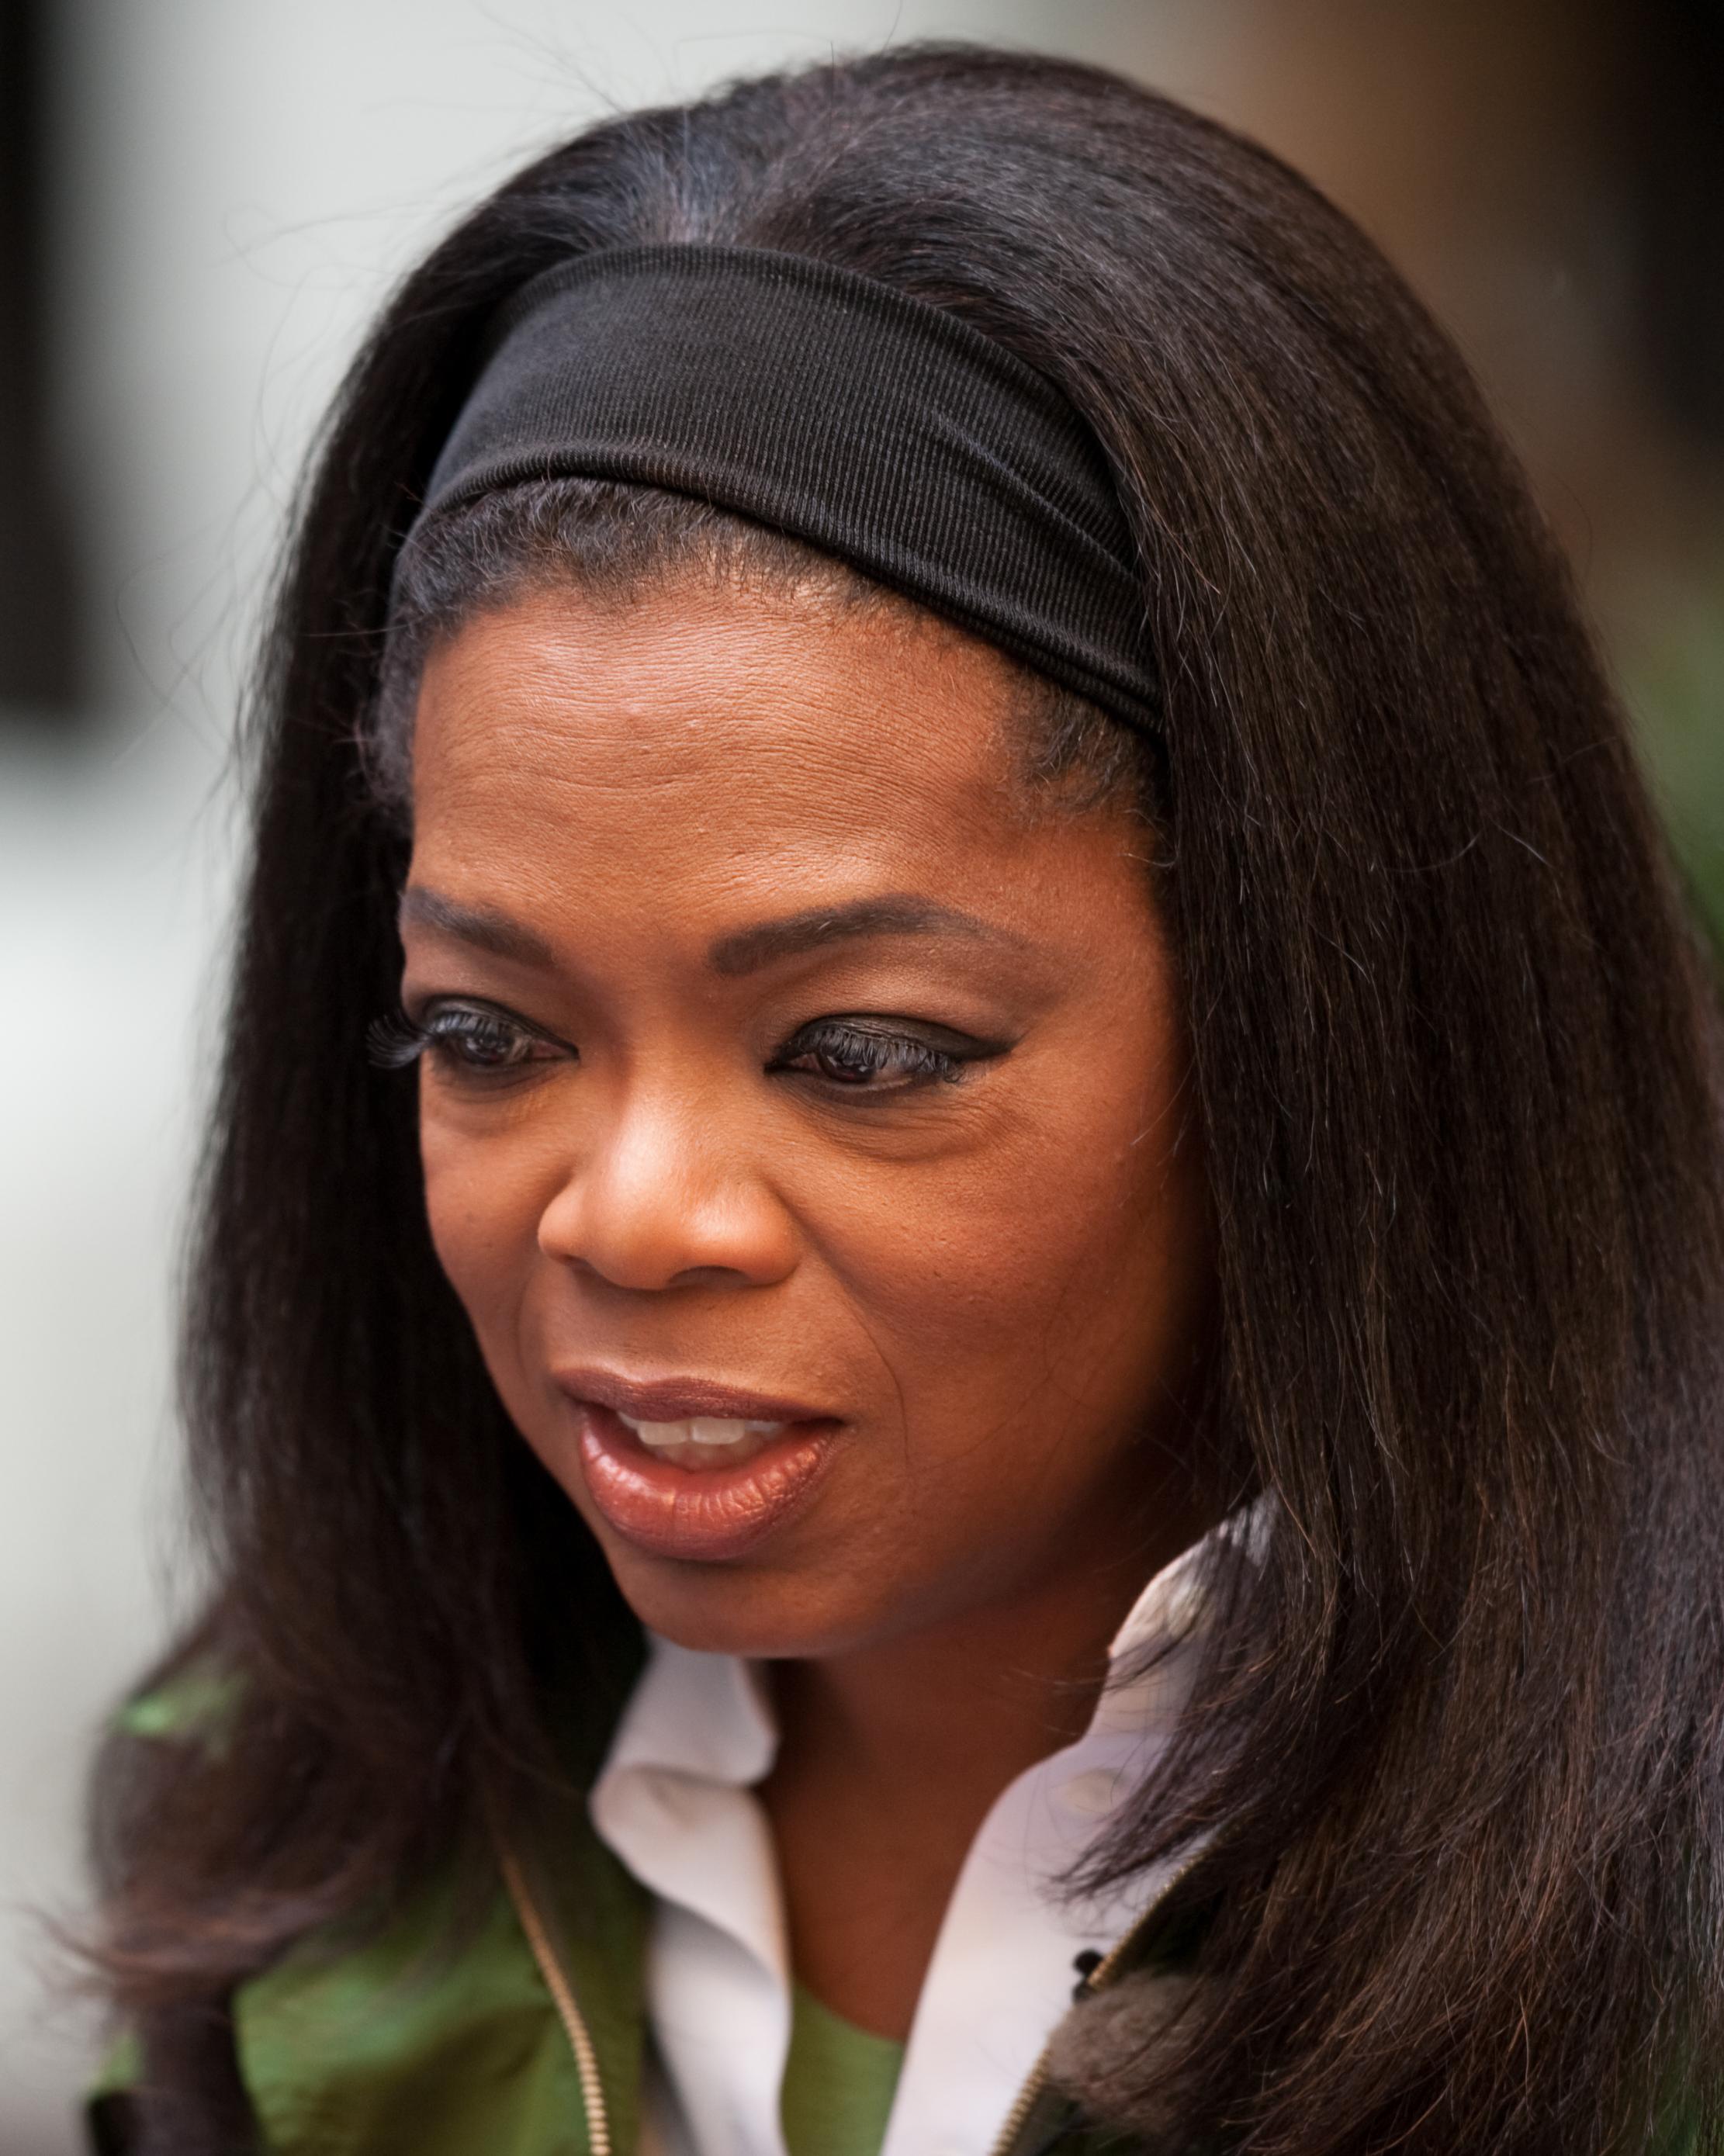 Oprah Winfrey in Strøget, Denmark on 30 September 2009 (cropped).jpg